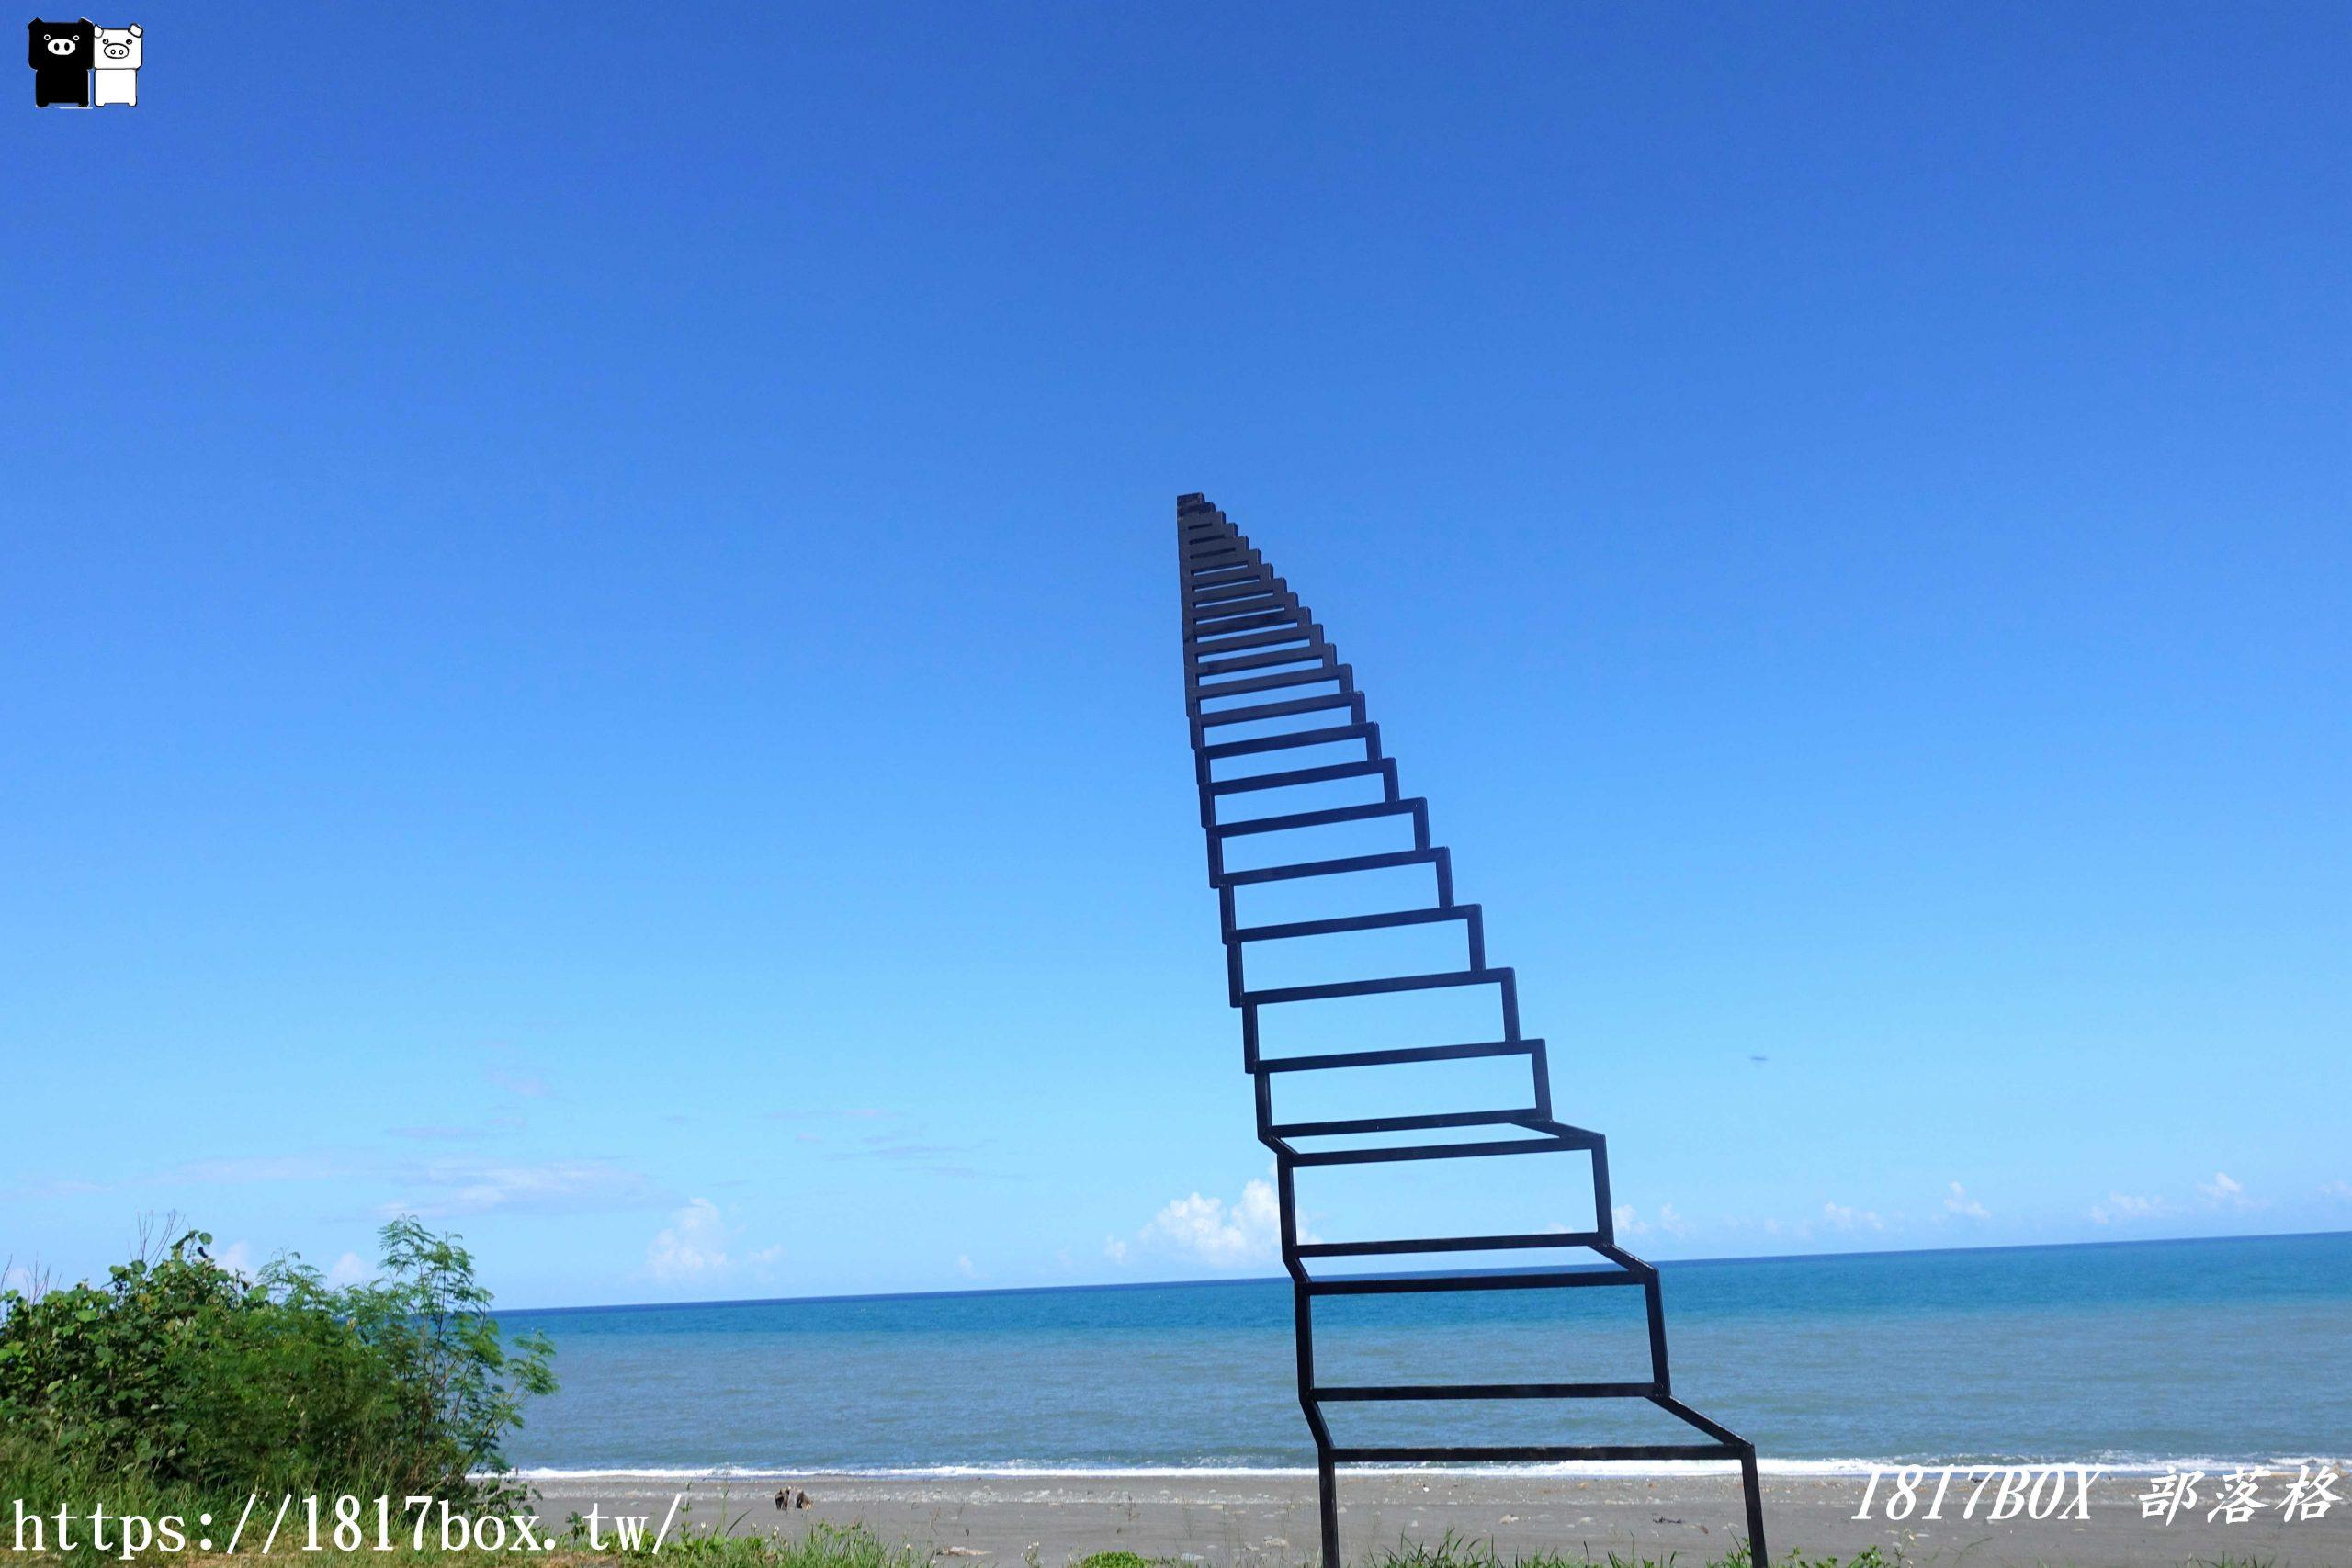 【2021南迴藝術季】巨人的藍白拖遺忘在海邊?14件絕美藝術品。最美公路展演。南迴藝術季作品地圖 @1817BOX部落格